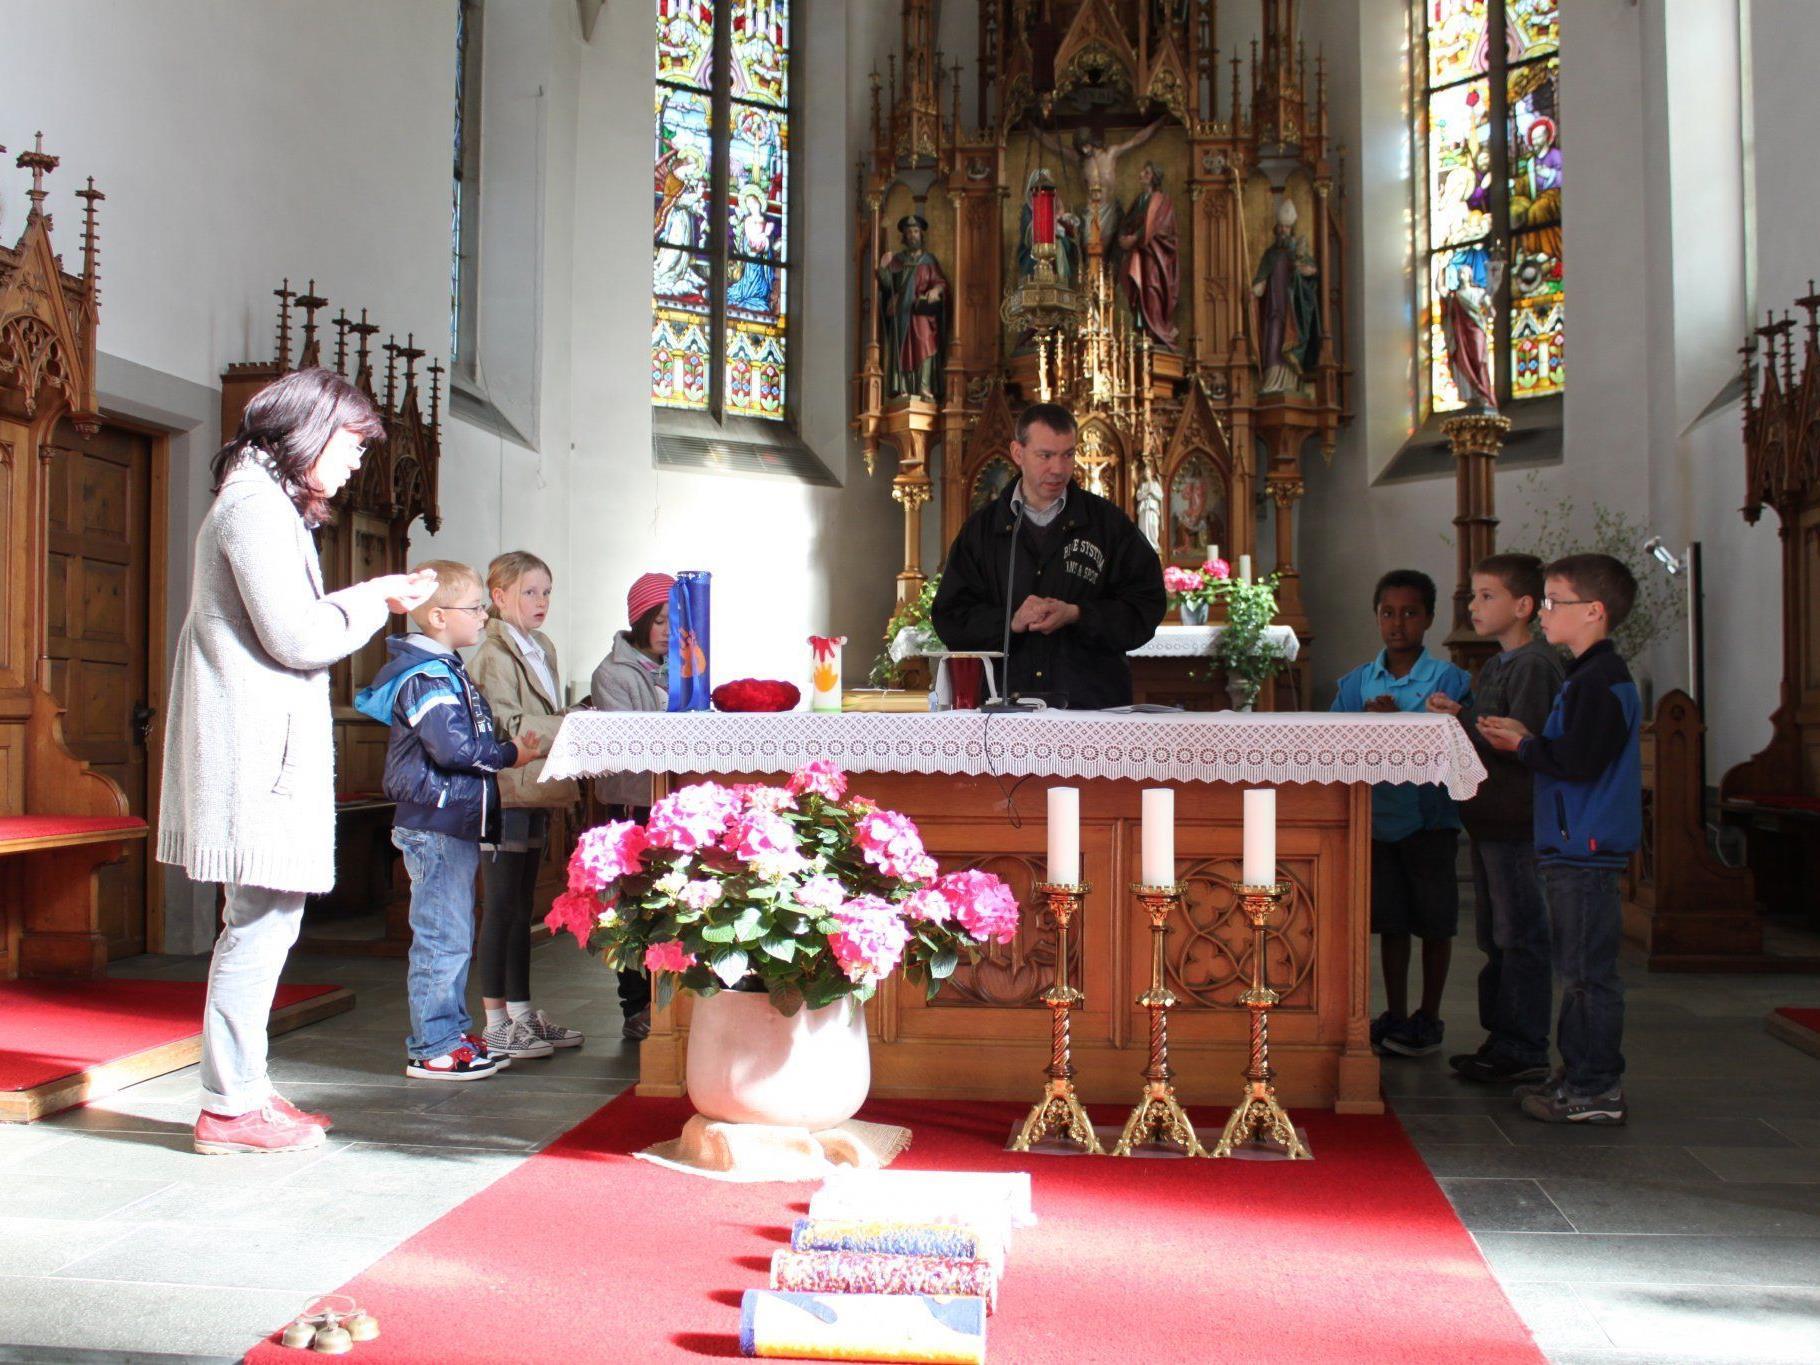 Generalprobe für die sechs Erstkommunikanten in der Pfarrkirche.